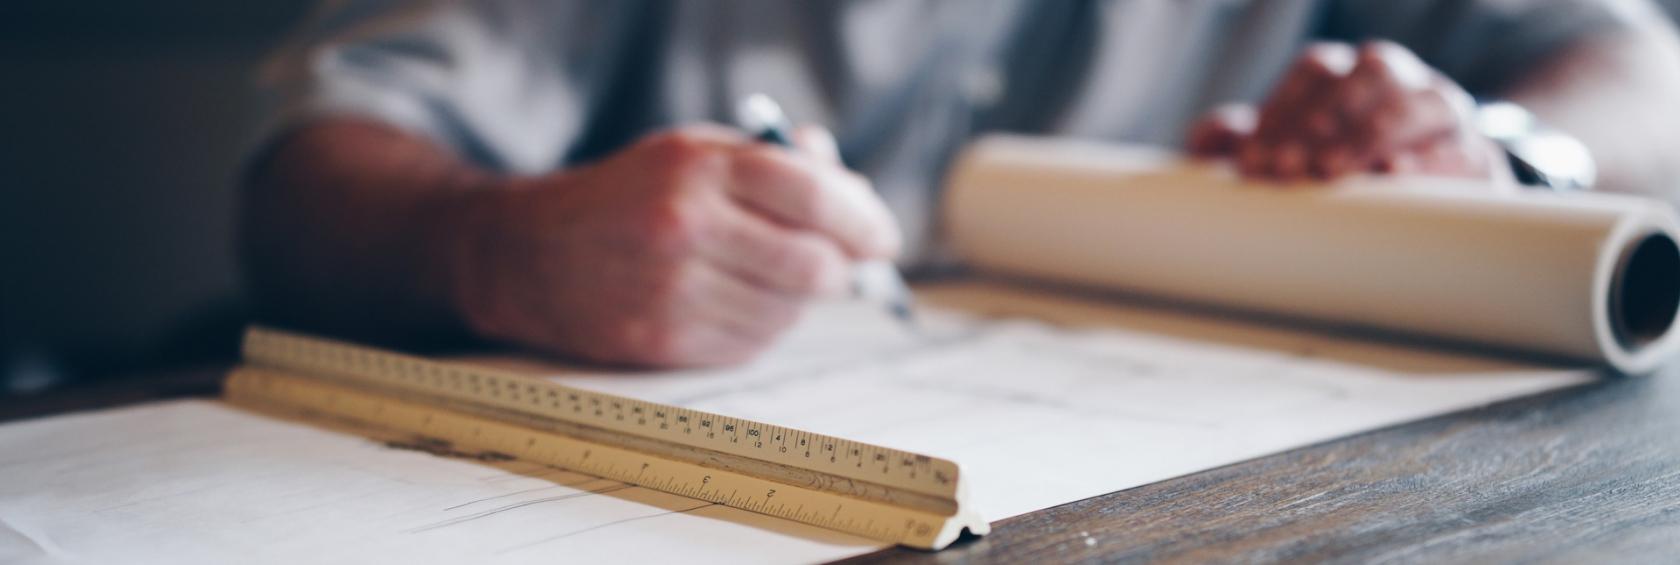 Architect / Engineer designing blueprints